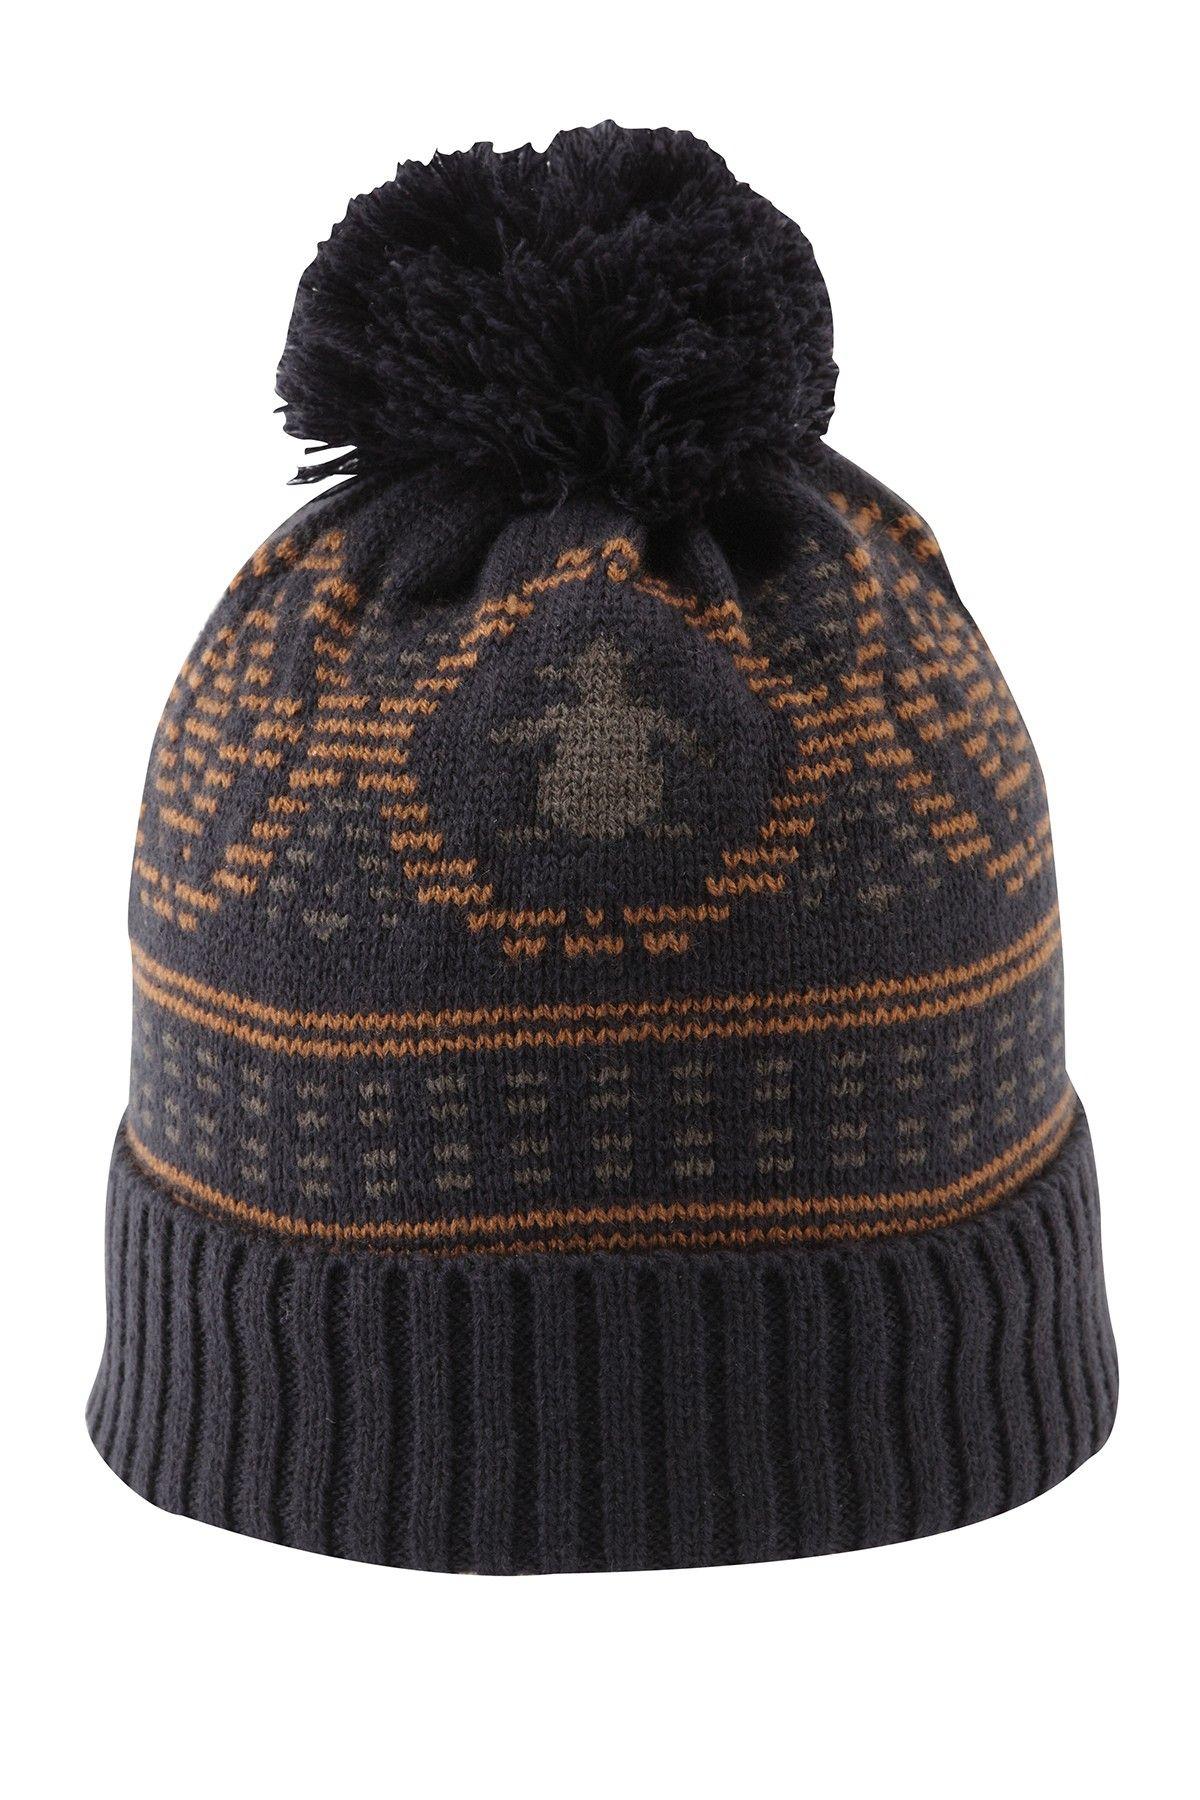 cae625fa018a27 Penguin Print Beanie BeanieMen #Accessories | Men's Fashion | Hats ...